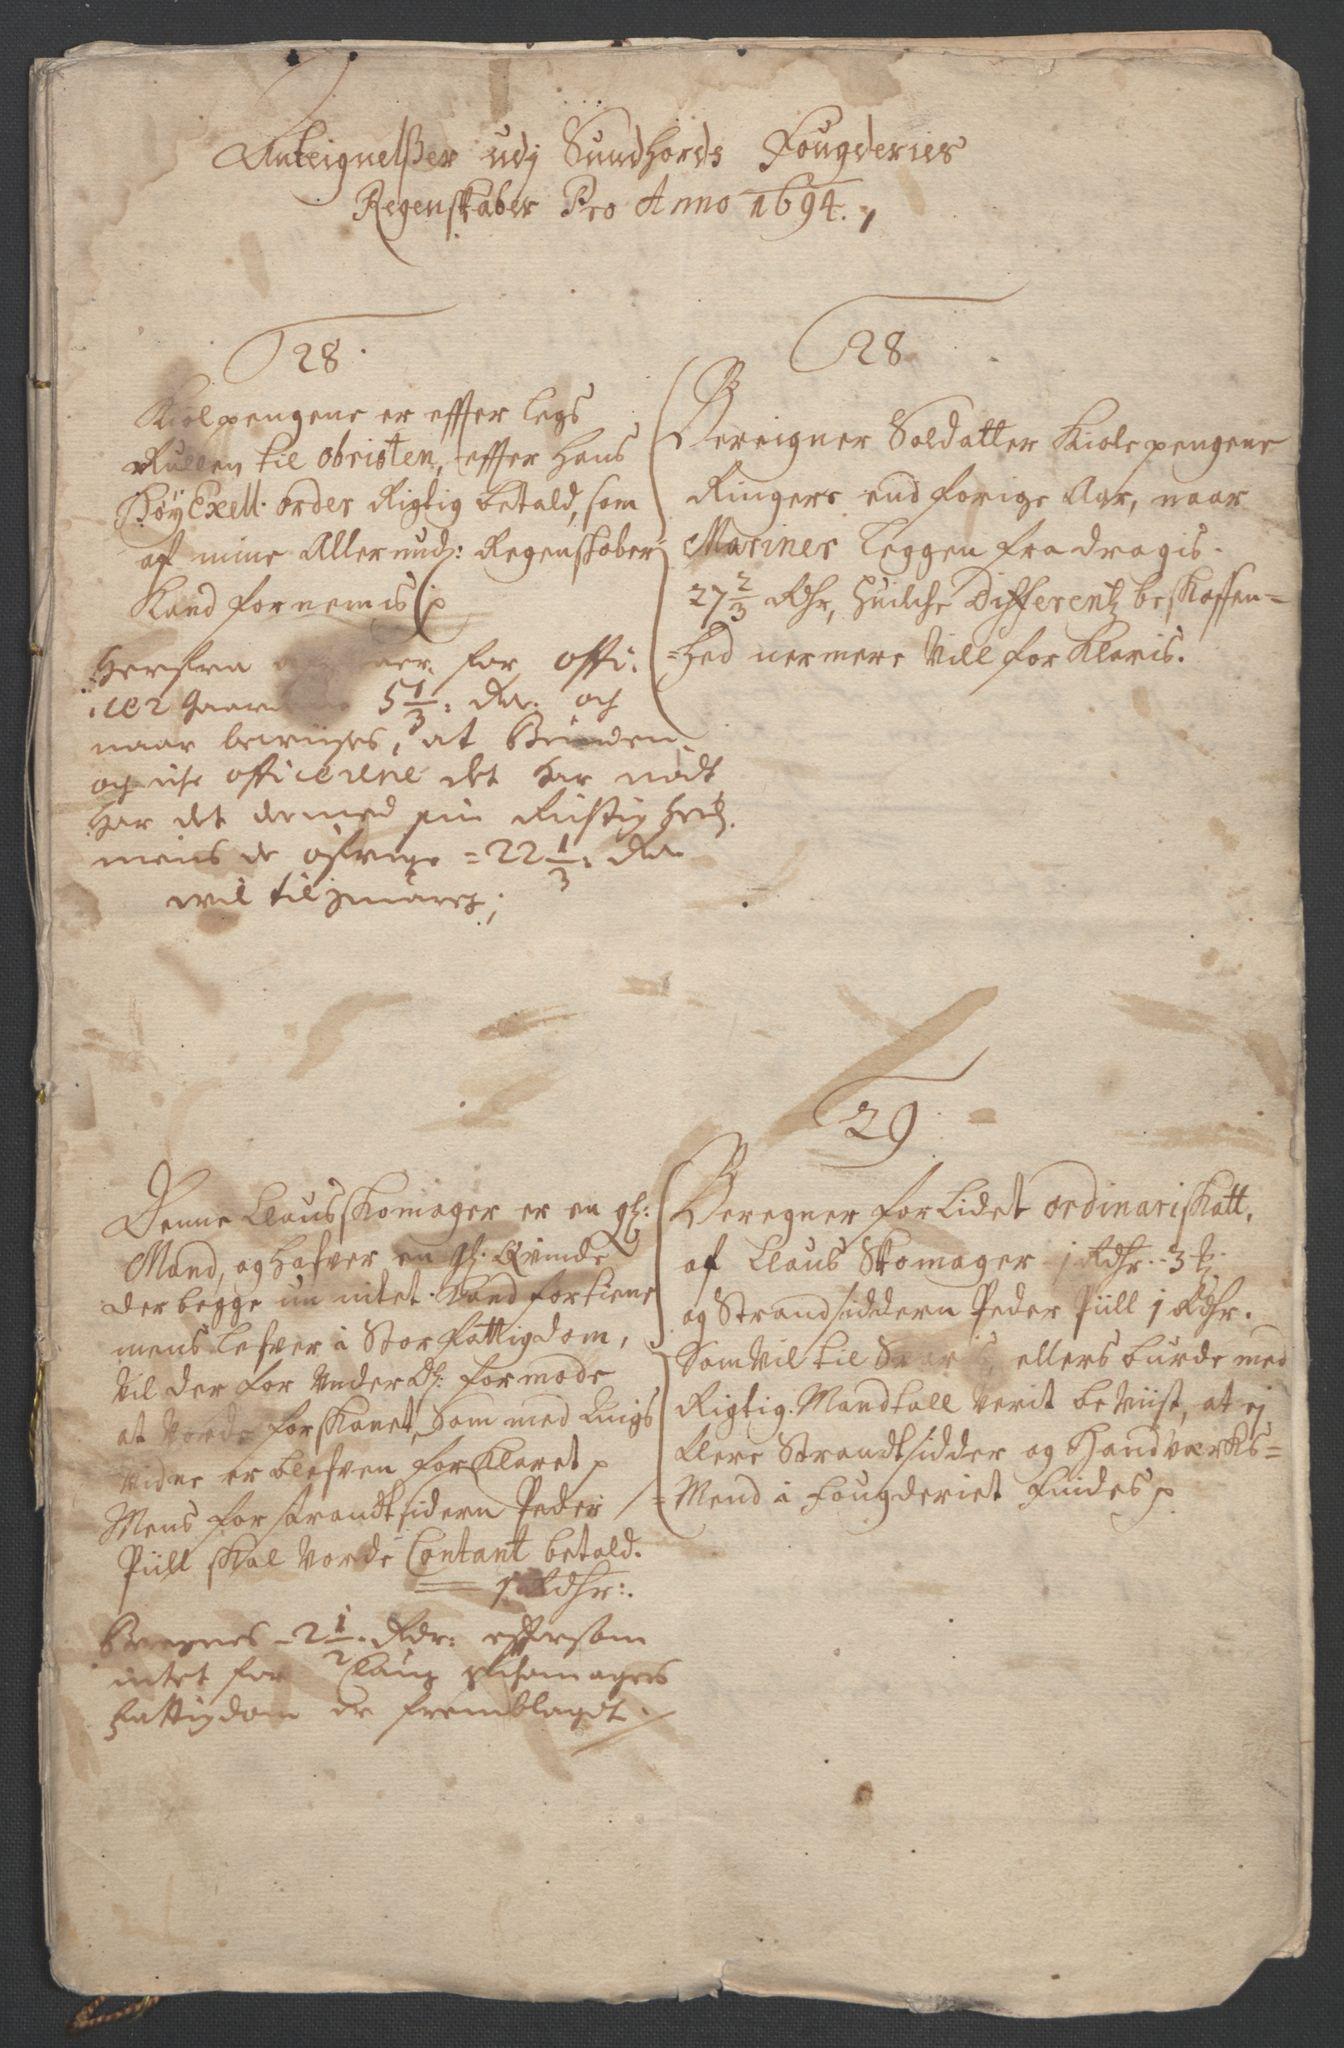 RA, Rentekammeret inntil 1814, Reviderte regnskaper, Fogderegnskap, R48/L2975: Fogderegnskap Sunnhordland og Hardanger, 1694, s. 150